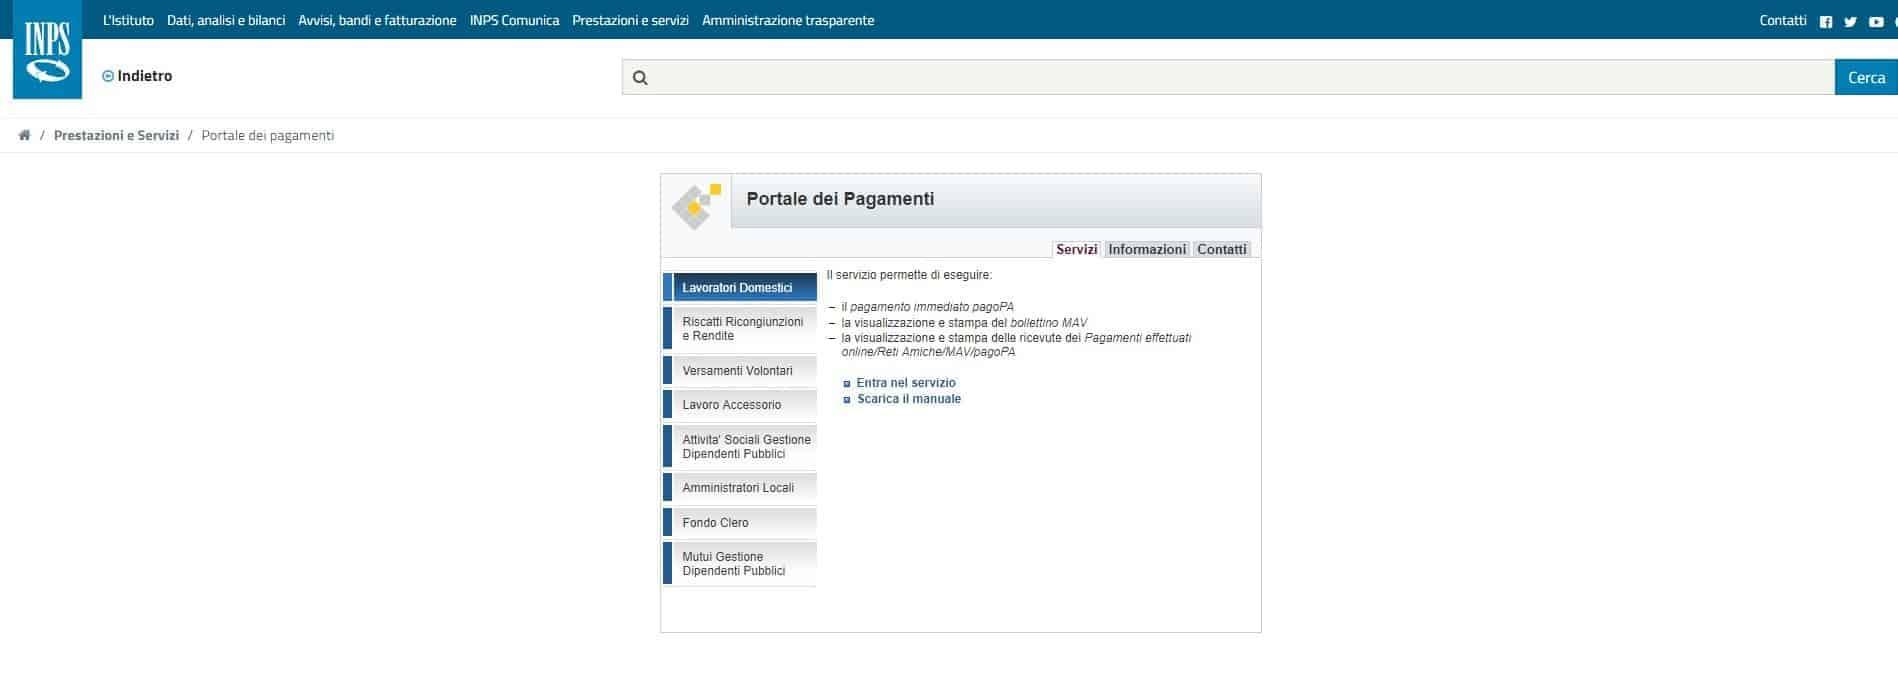 Inps portale pagamenti contributi lavoratori domestici